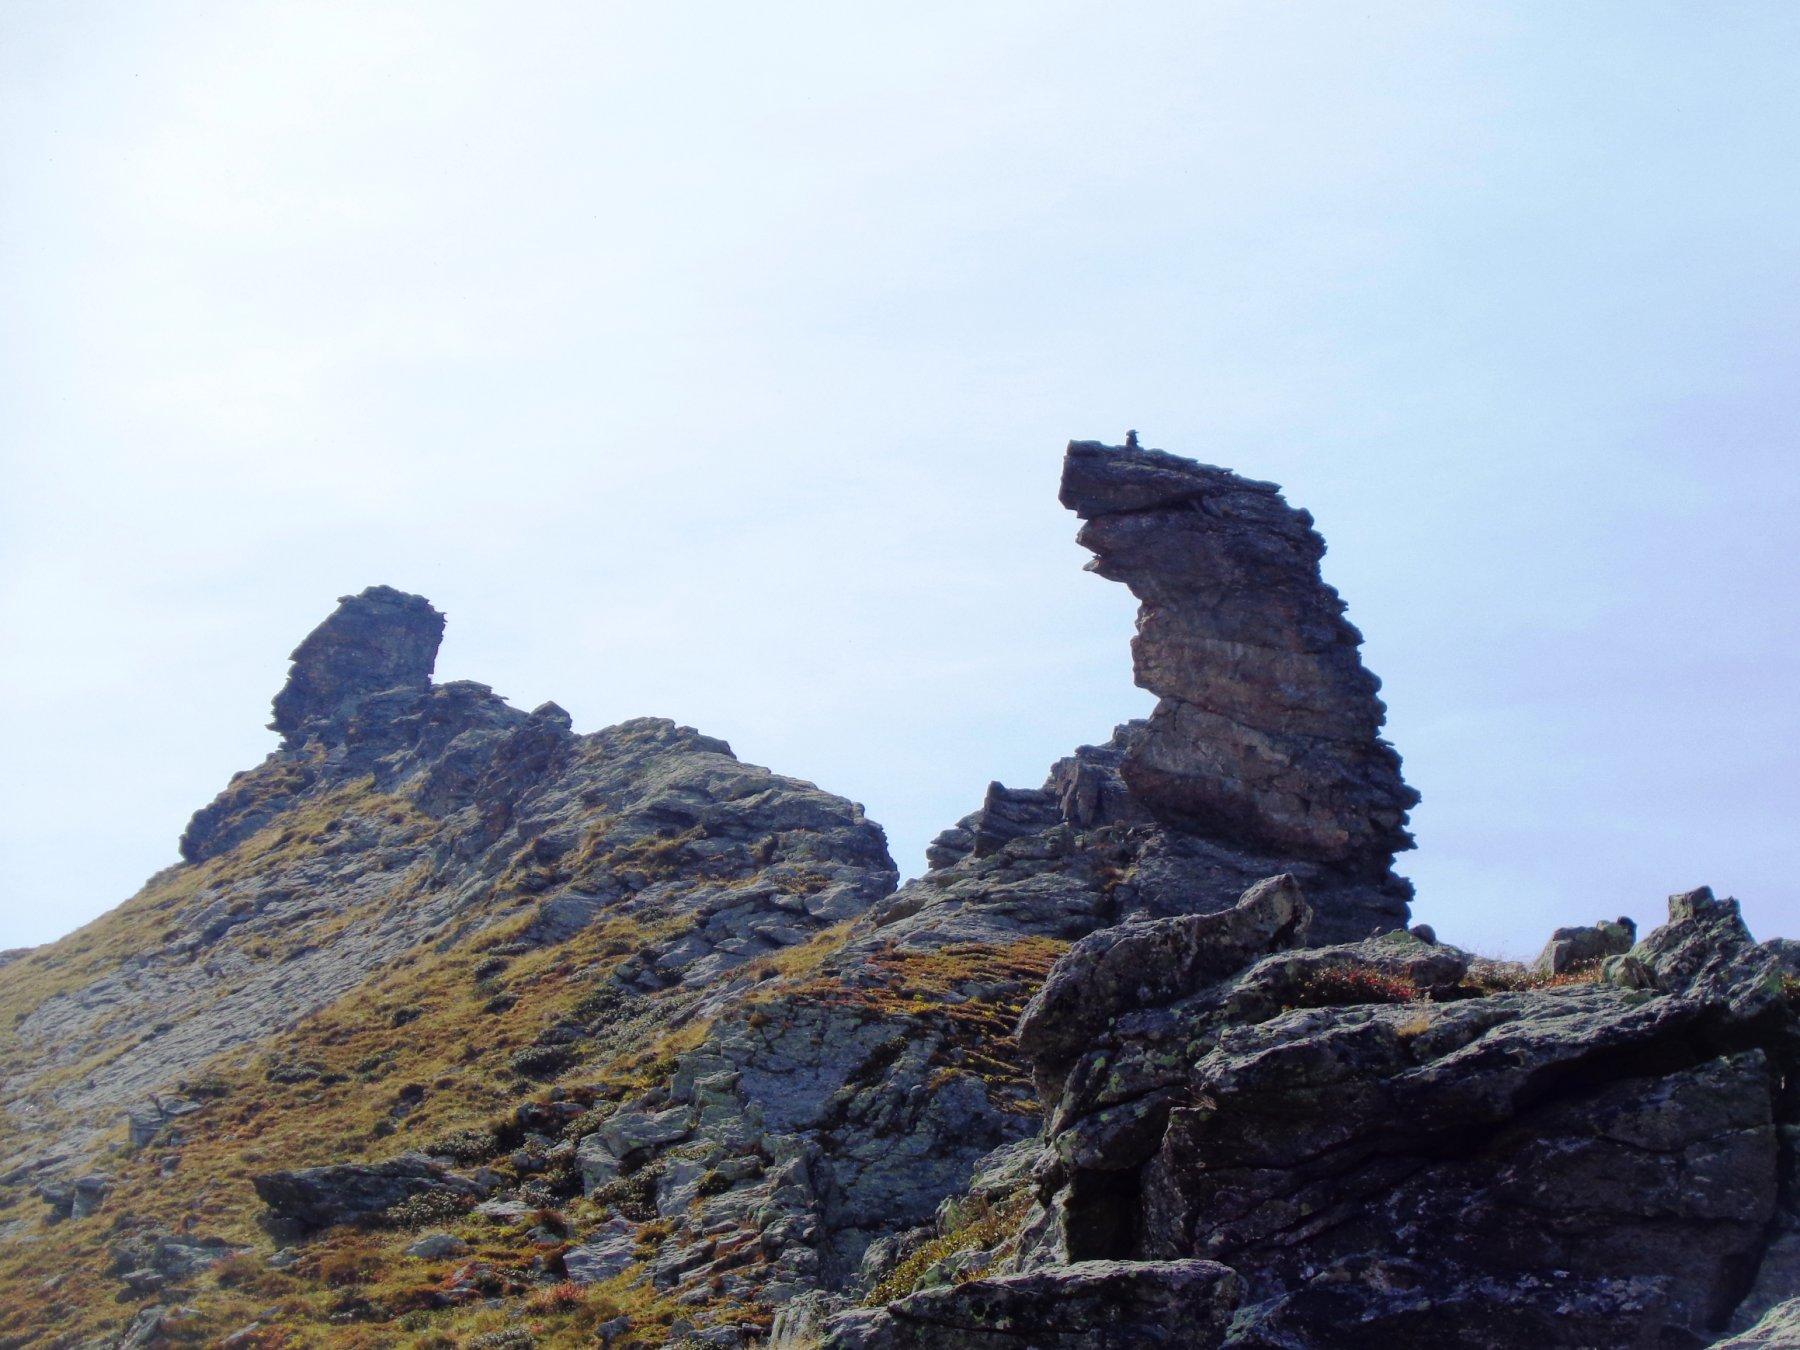 Il Falcetto (con il nuovo ometto in cima) e la punta nord del Bec del Fauset di sfondo